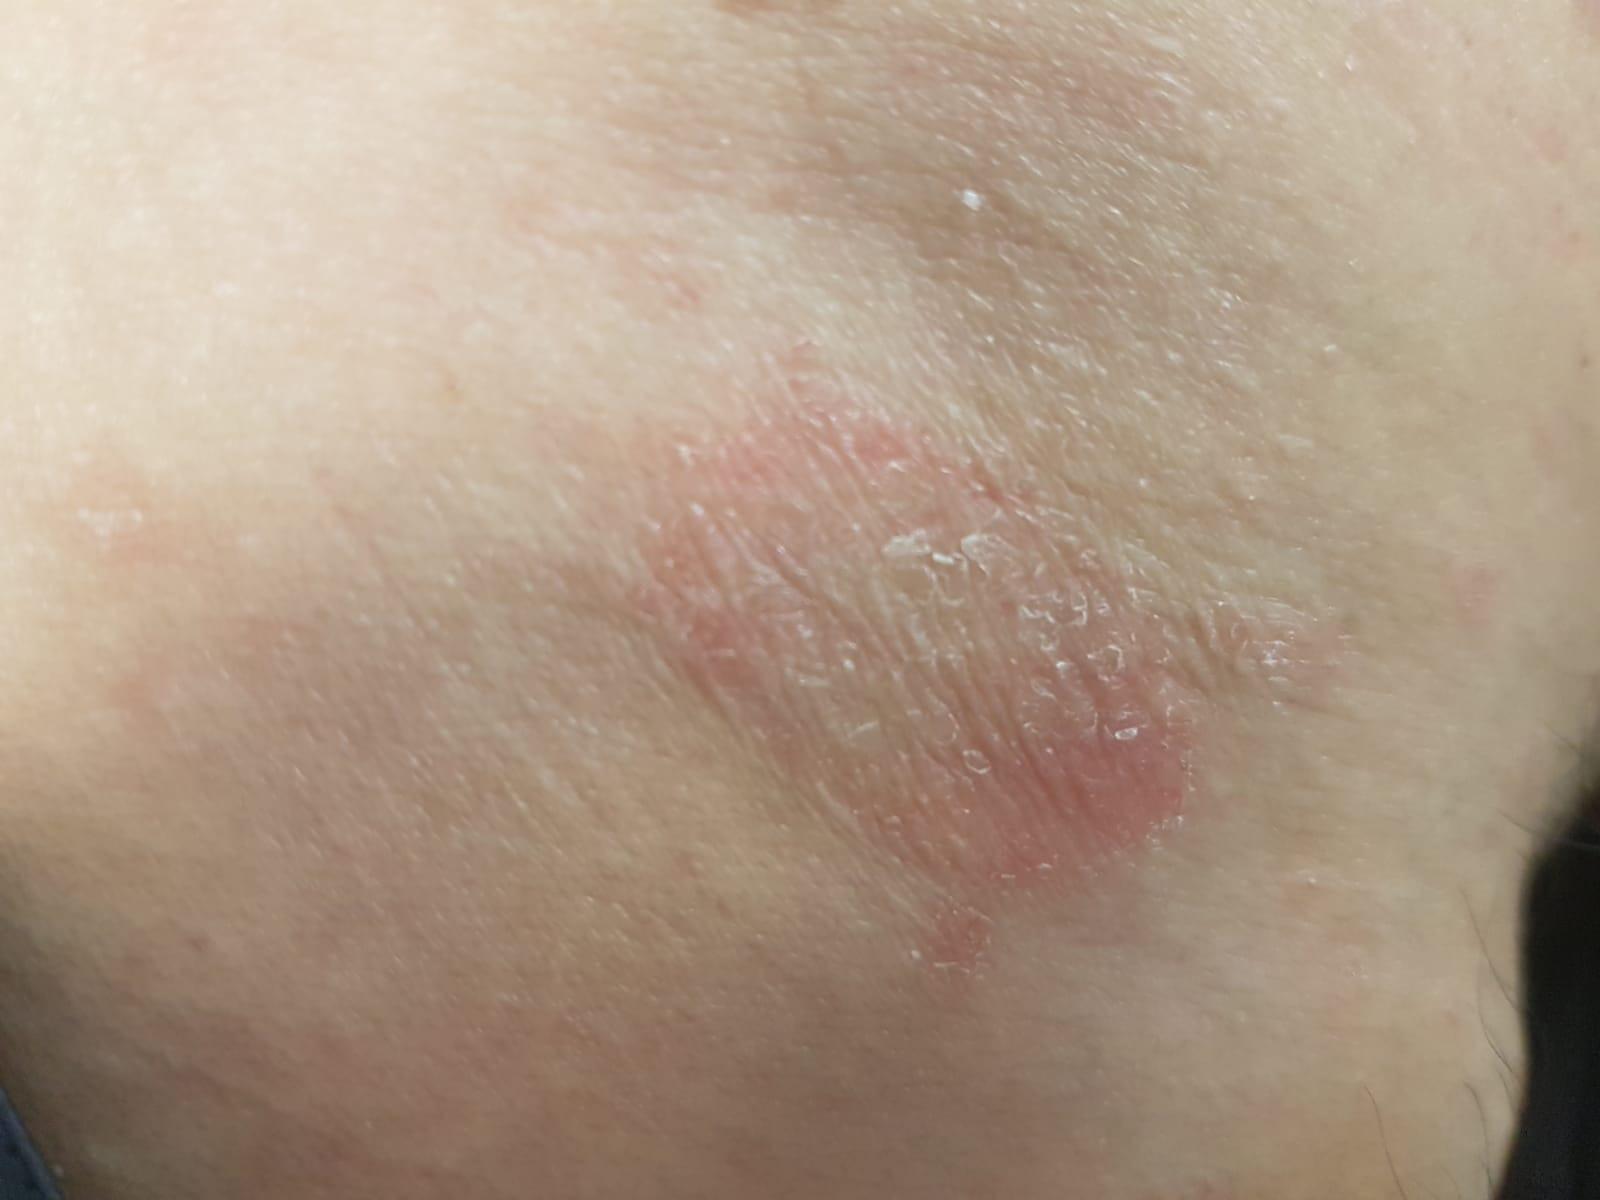 placa eritematosa y descamativa